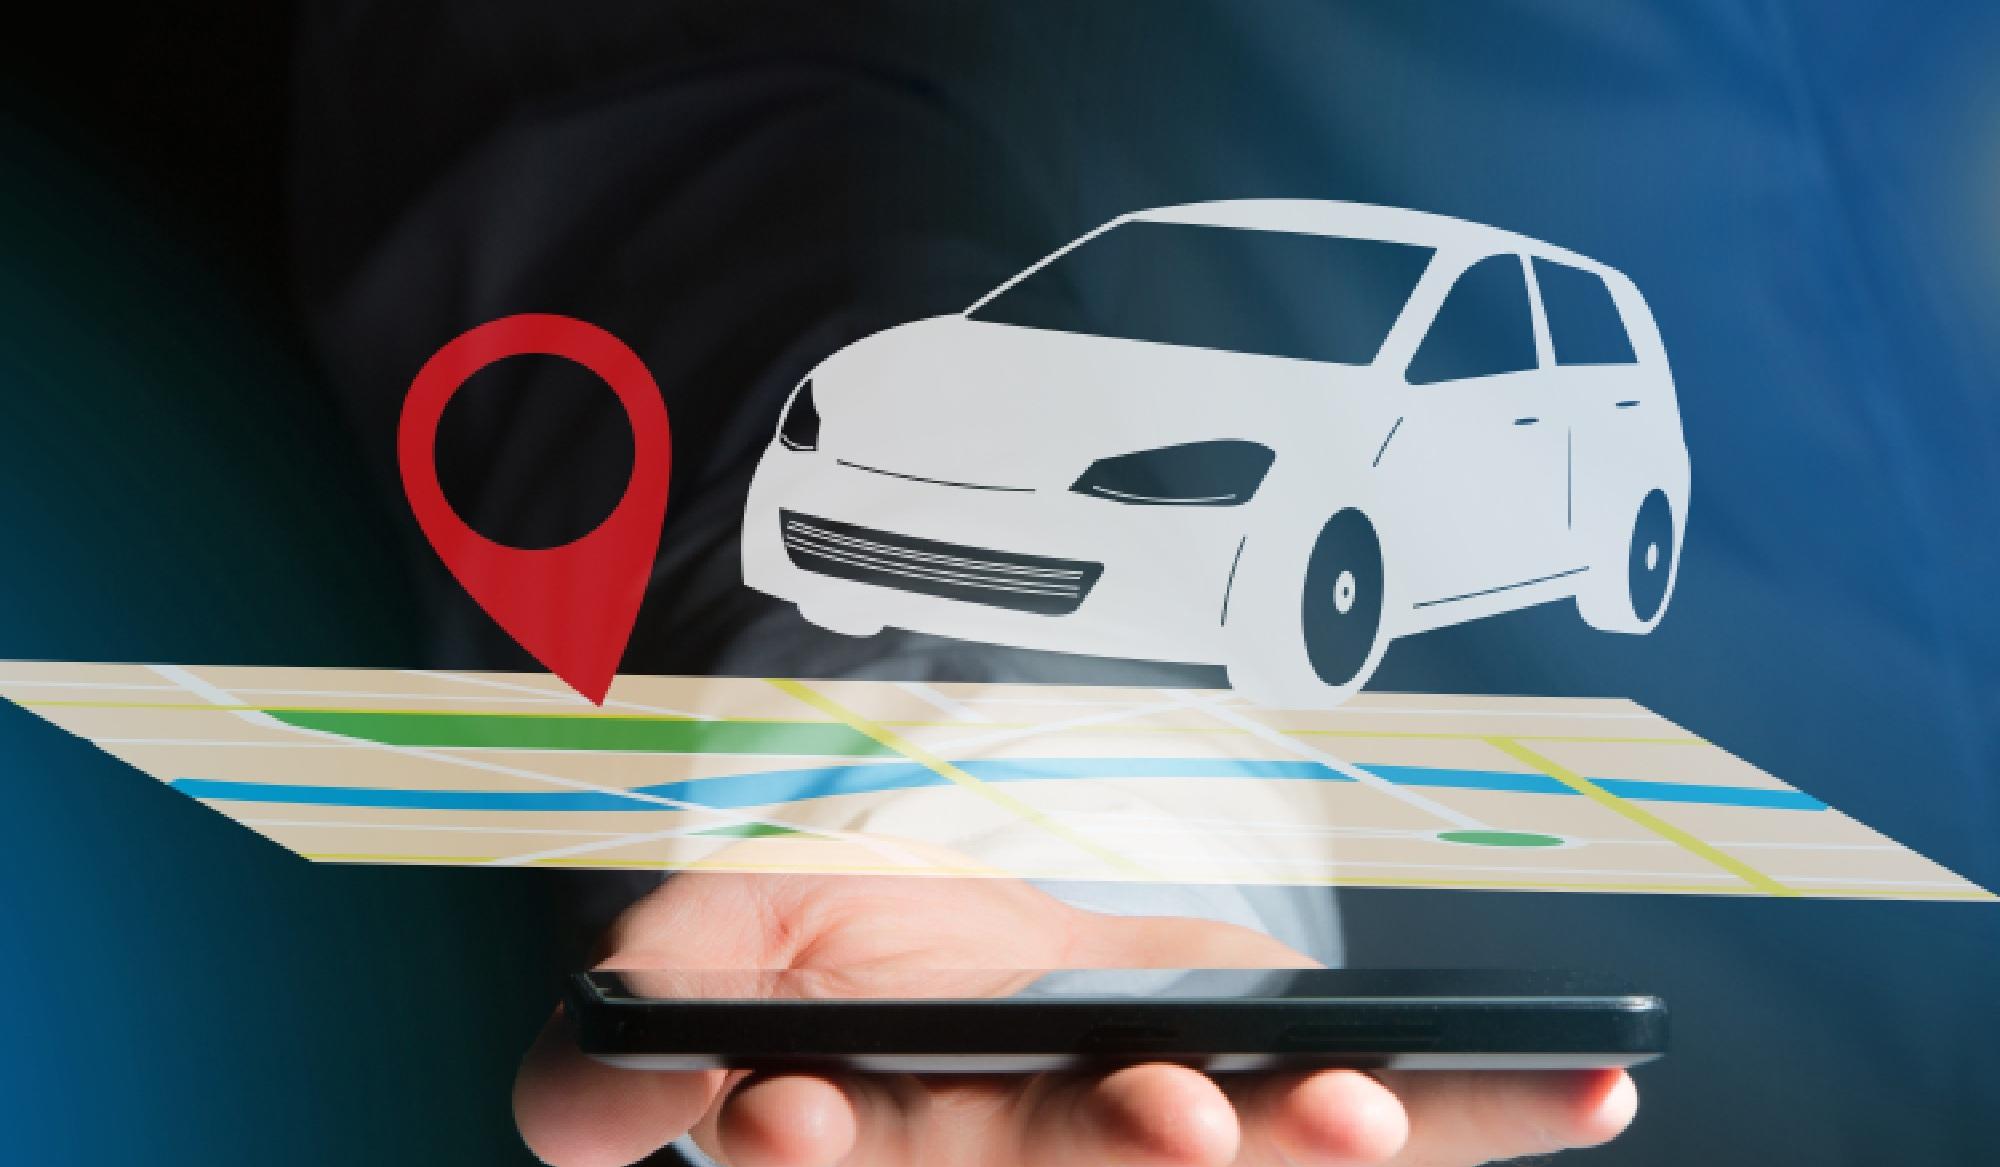 Géolocalisation d'un véhicule d'entreprise : droits et limitations